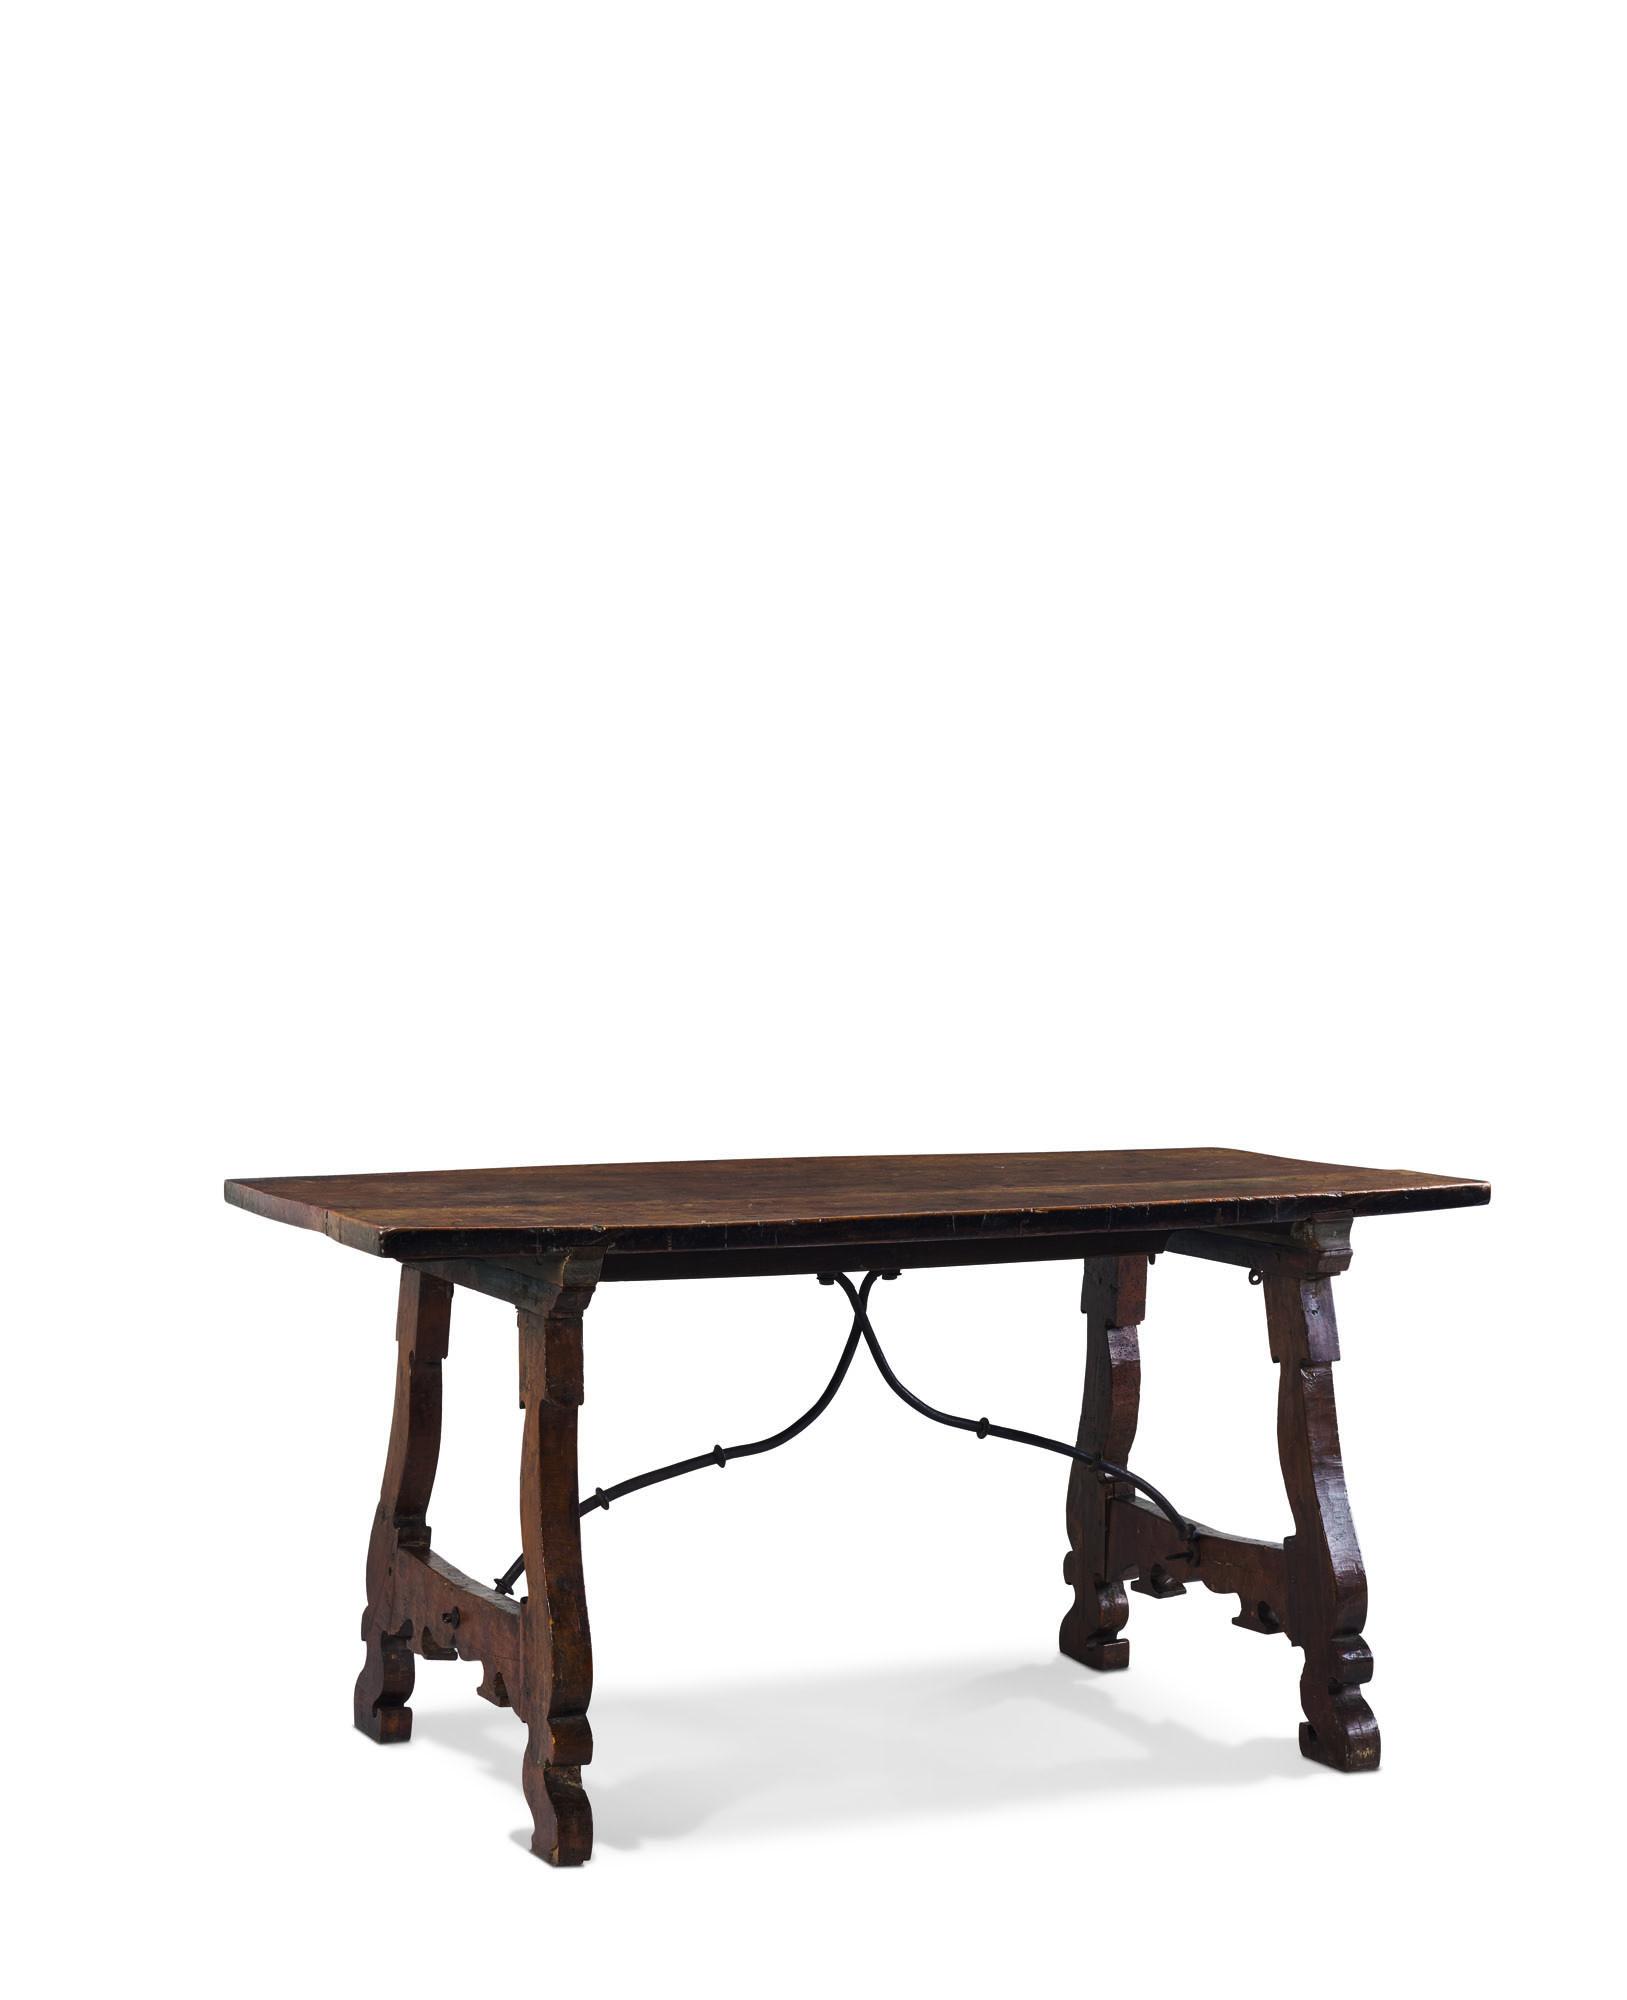 TABLE A VERROU D'EPOQUE BAROQUE